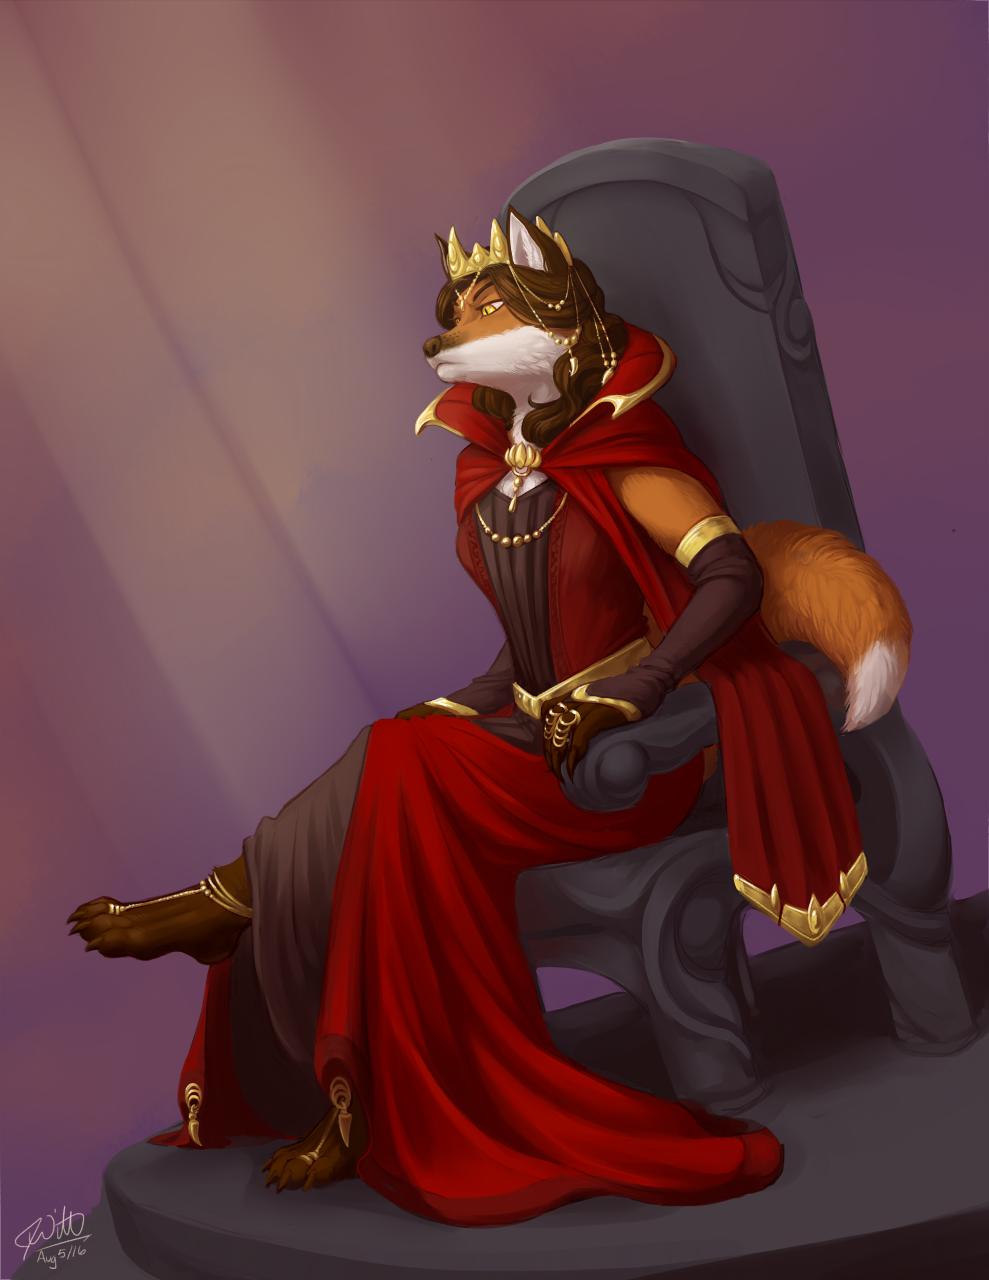 Featured image: Queen Freya